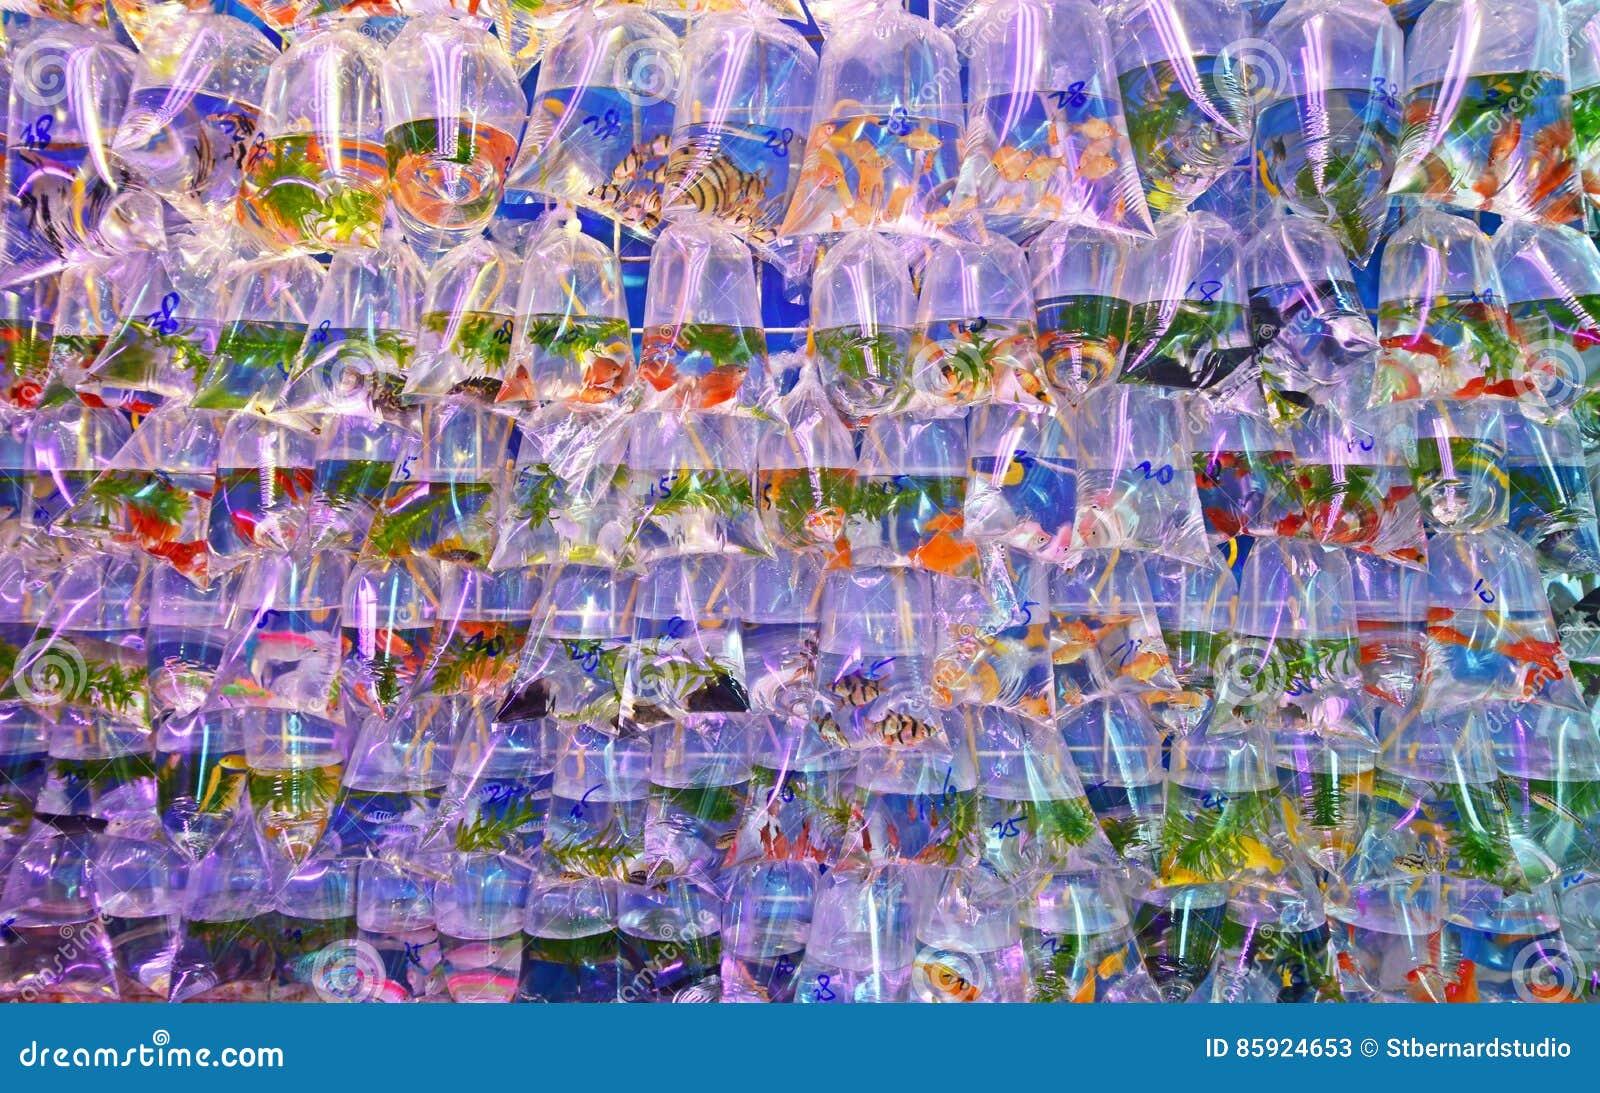 Ποικίλα υπερβολικά συσσωρευμένα ψάρια ενυδρείων γλυκού νερού πώλησαν στη διαφανή πλαστική τσάντα